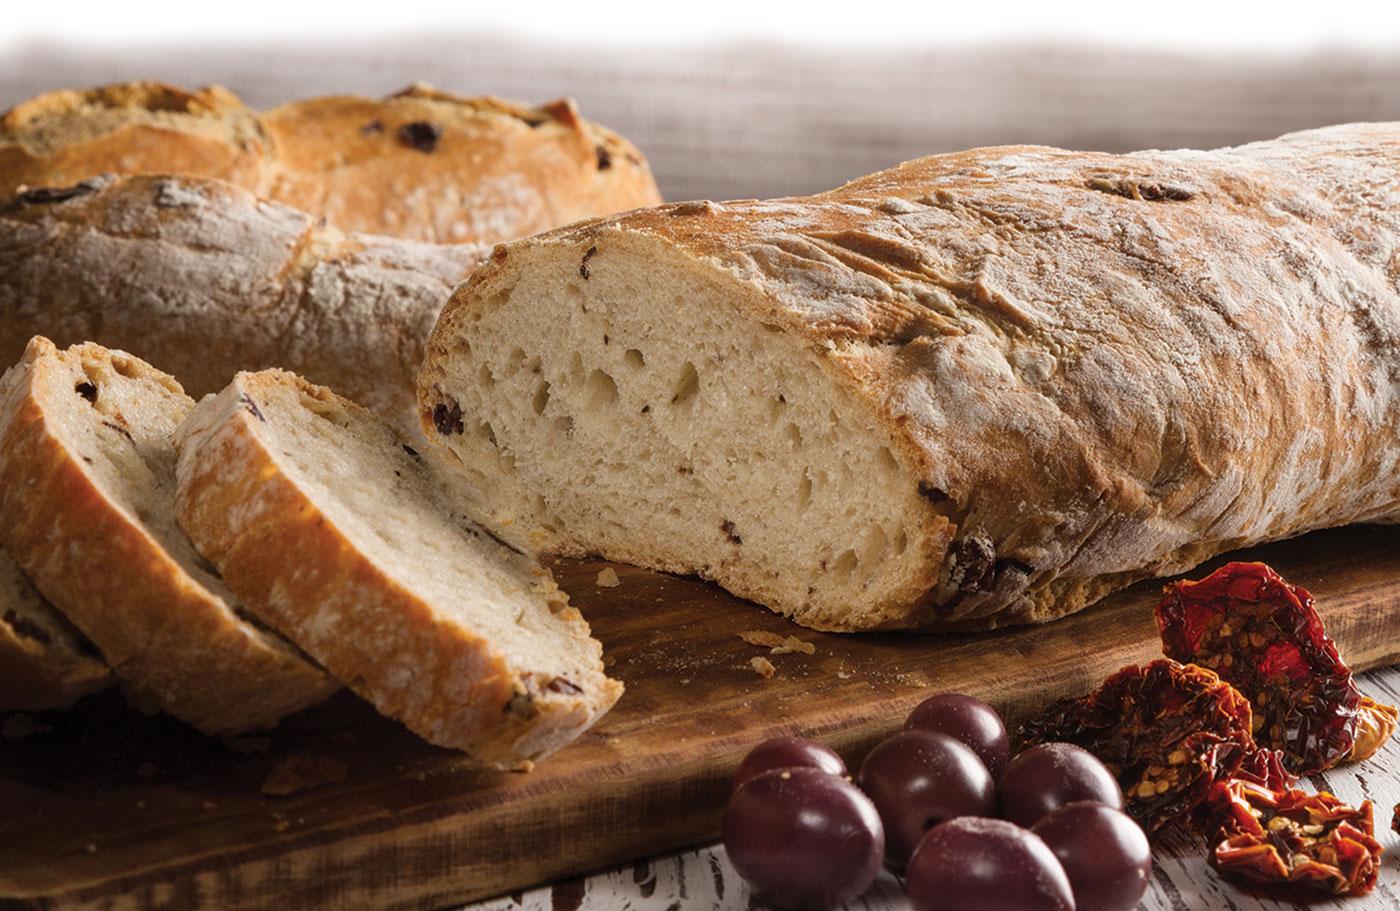 Italian Olive Bread/Rolls